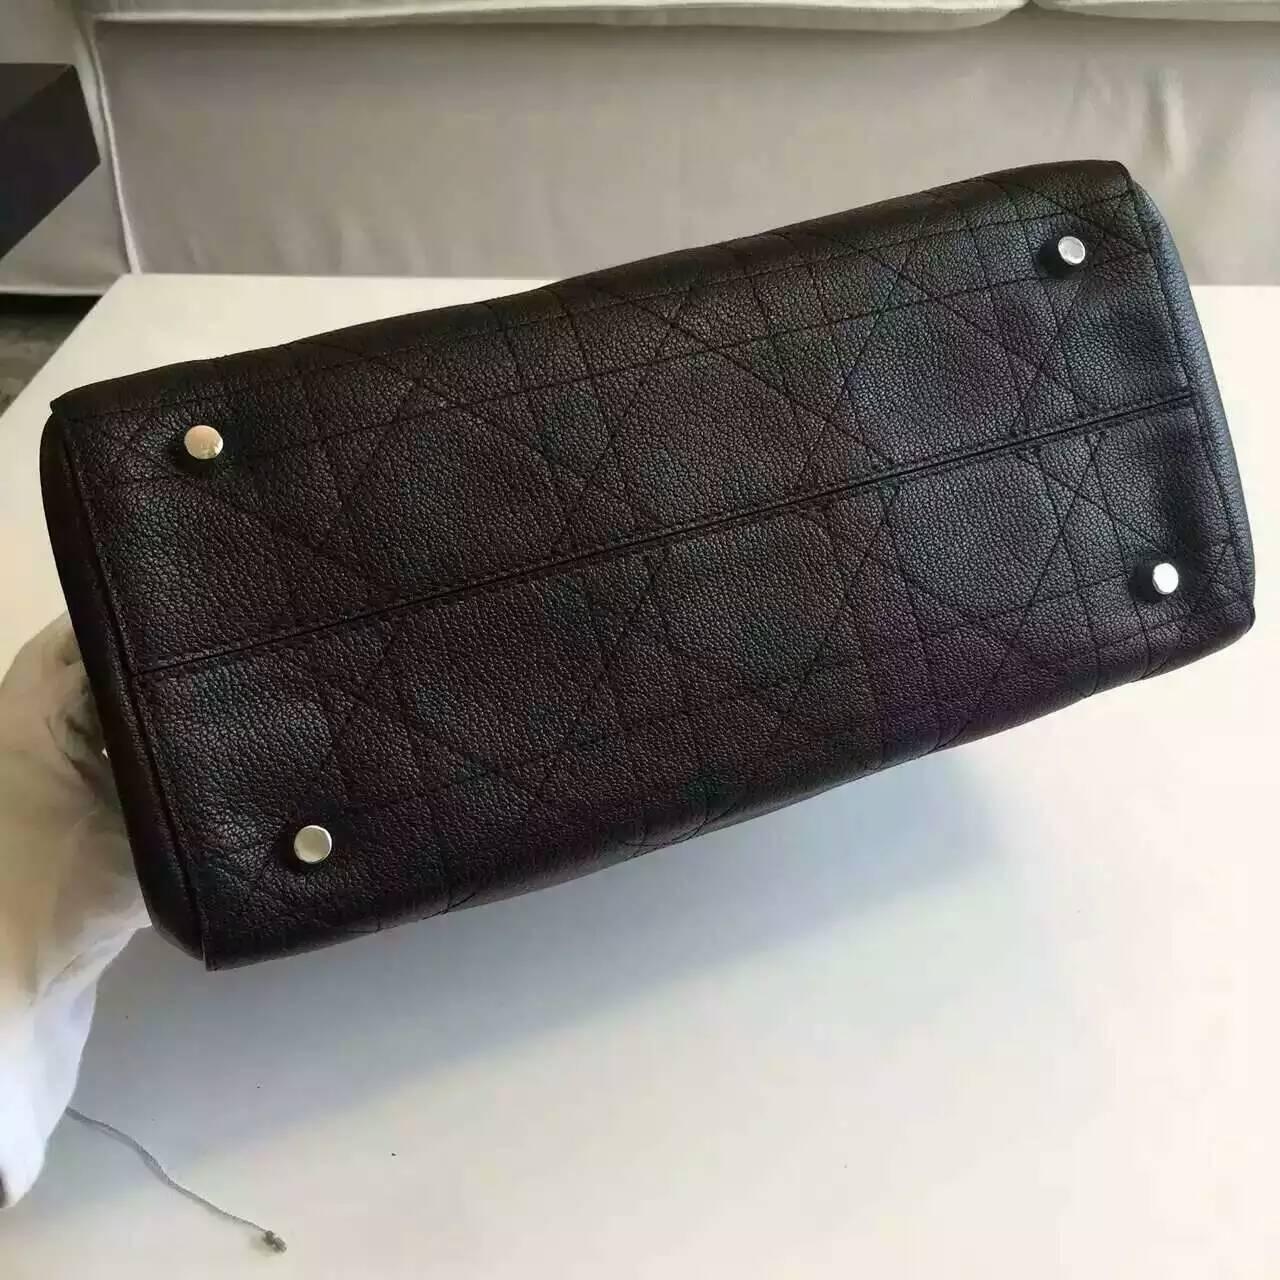 迪奥新款女包 黑色粒面牛皮藤格纹链条单肩包购物袋33cm